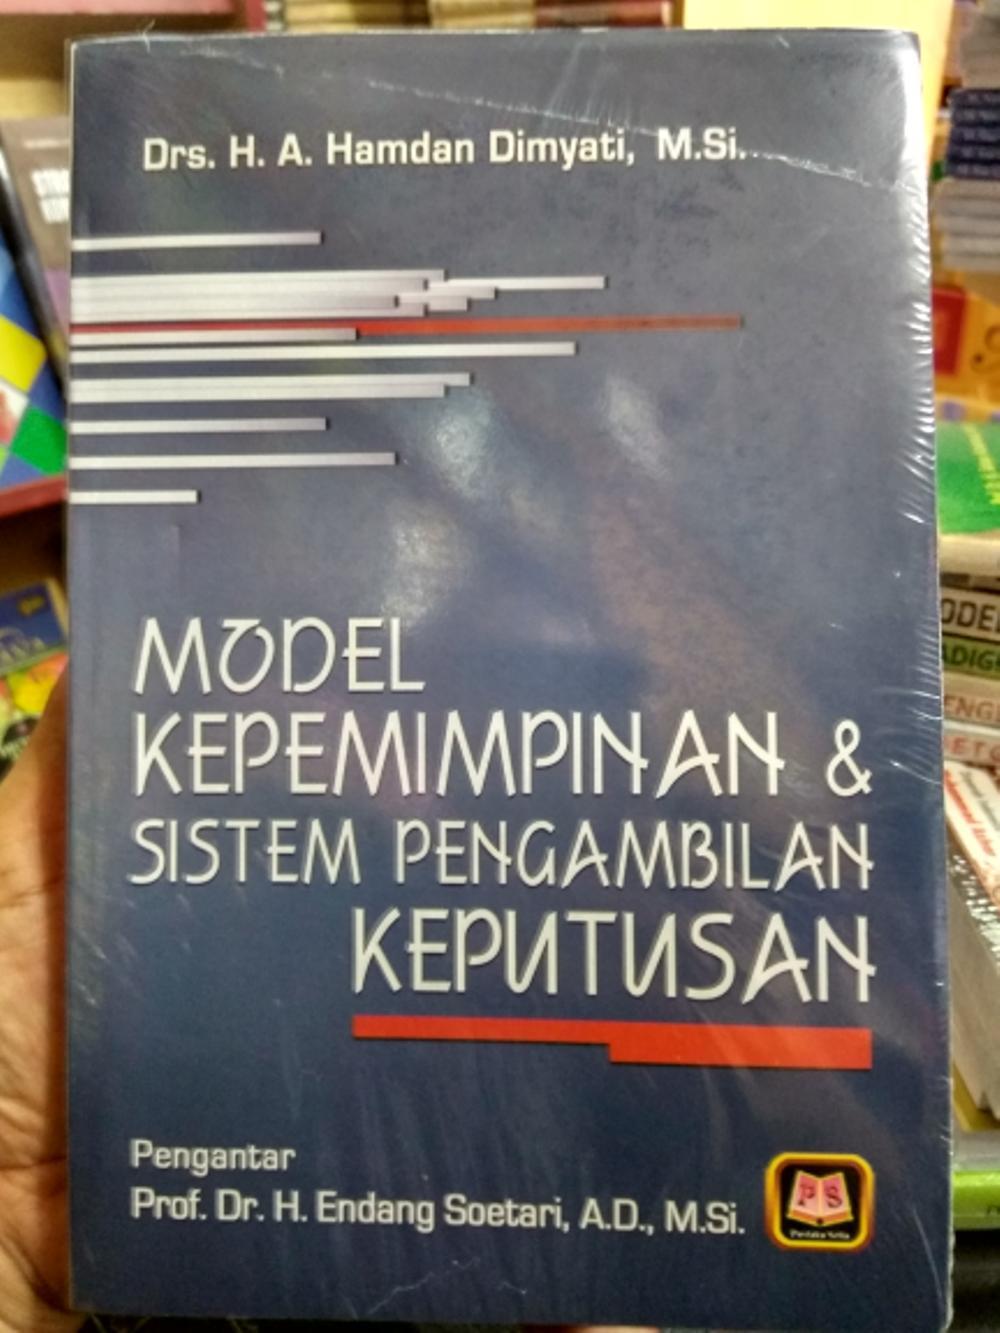 Buku Model Kepemimpinan Dan Sistem Pengambilan Keputusan - Hamdan Dimyati By Toko Buku Pustaka Hidayah